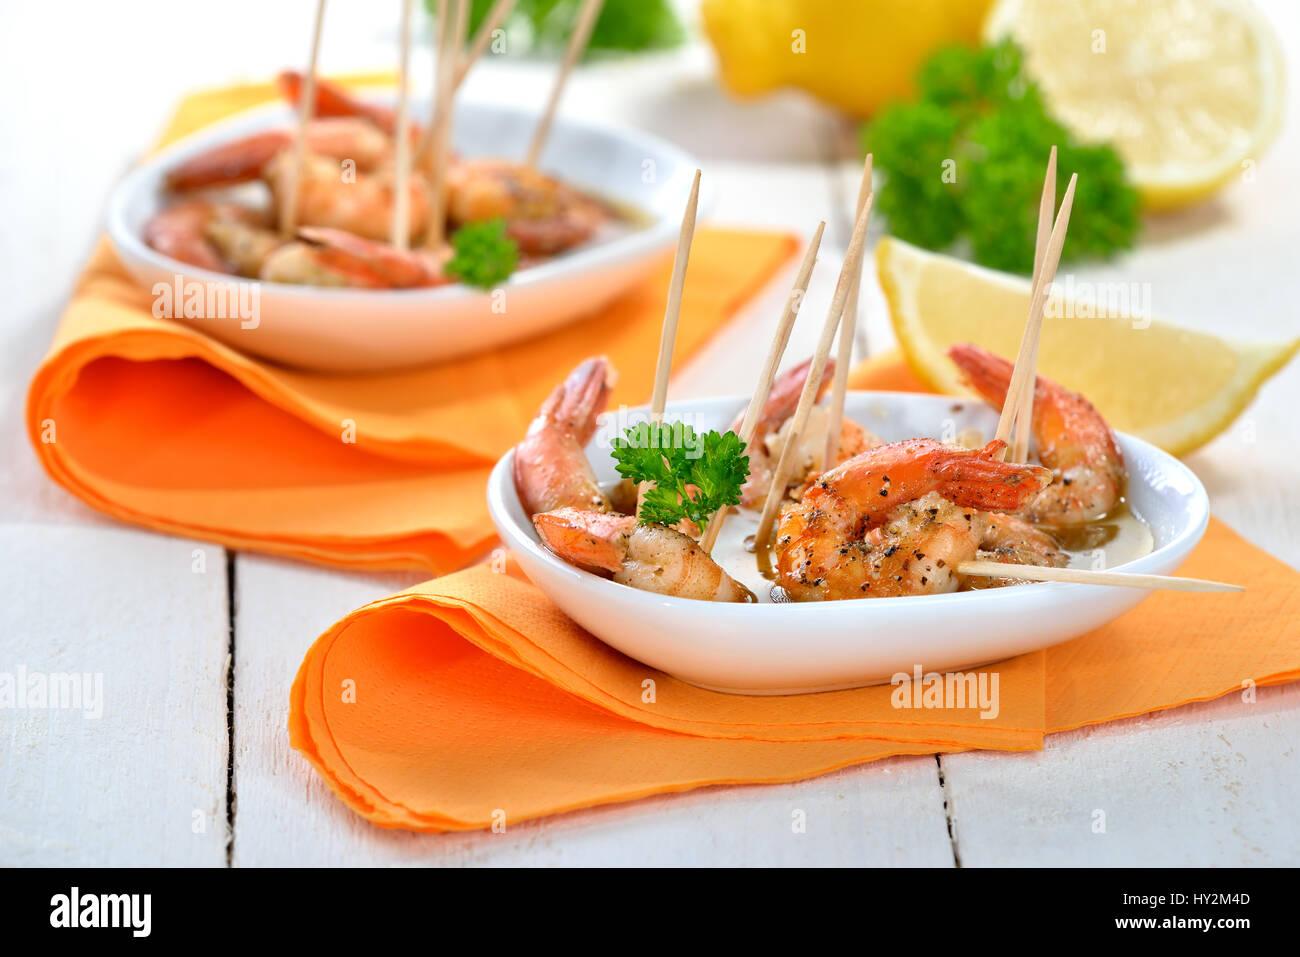 Las tapas españolas - picante de langostinos fritos con aceite de oliva, Jerez y ajo. Foto de stock